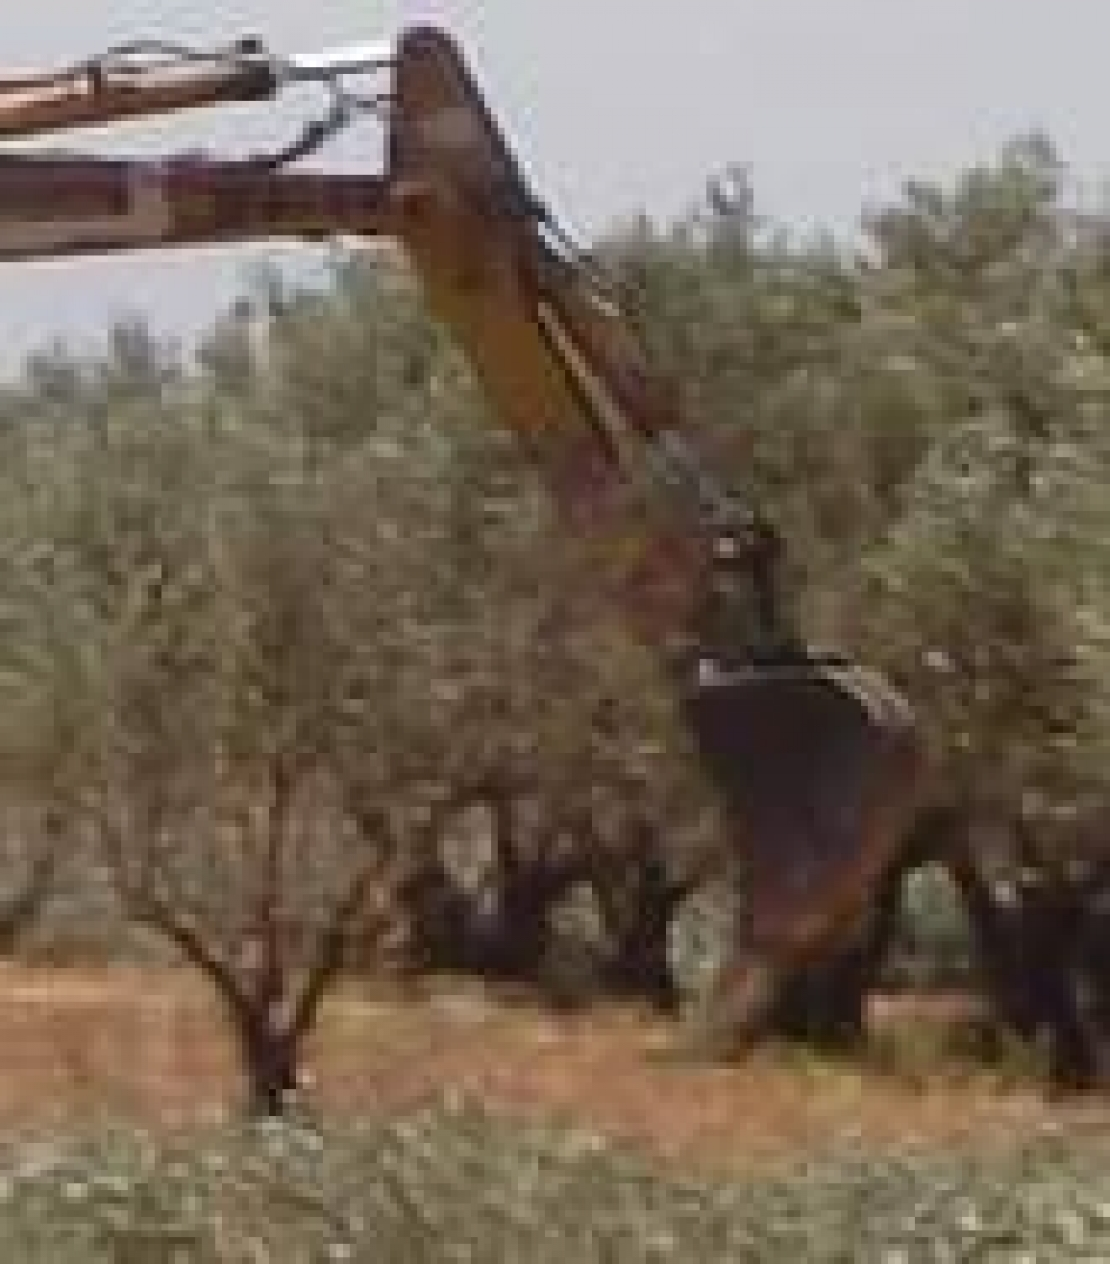 Olivi abbattuti senza pietà. Il grido di dolore della ricerca in Italia